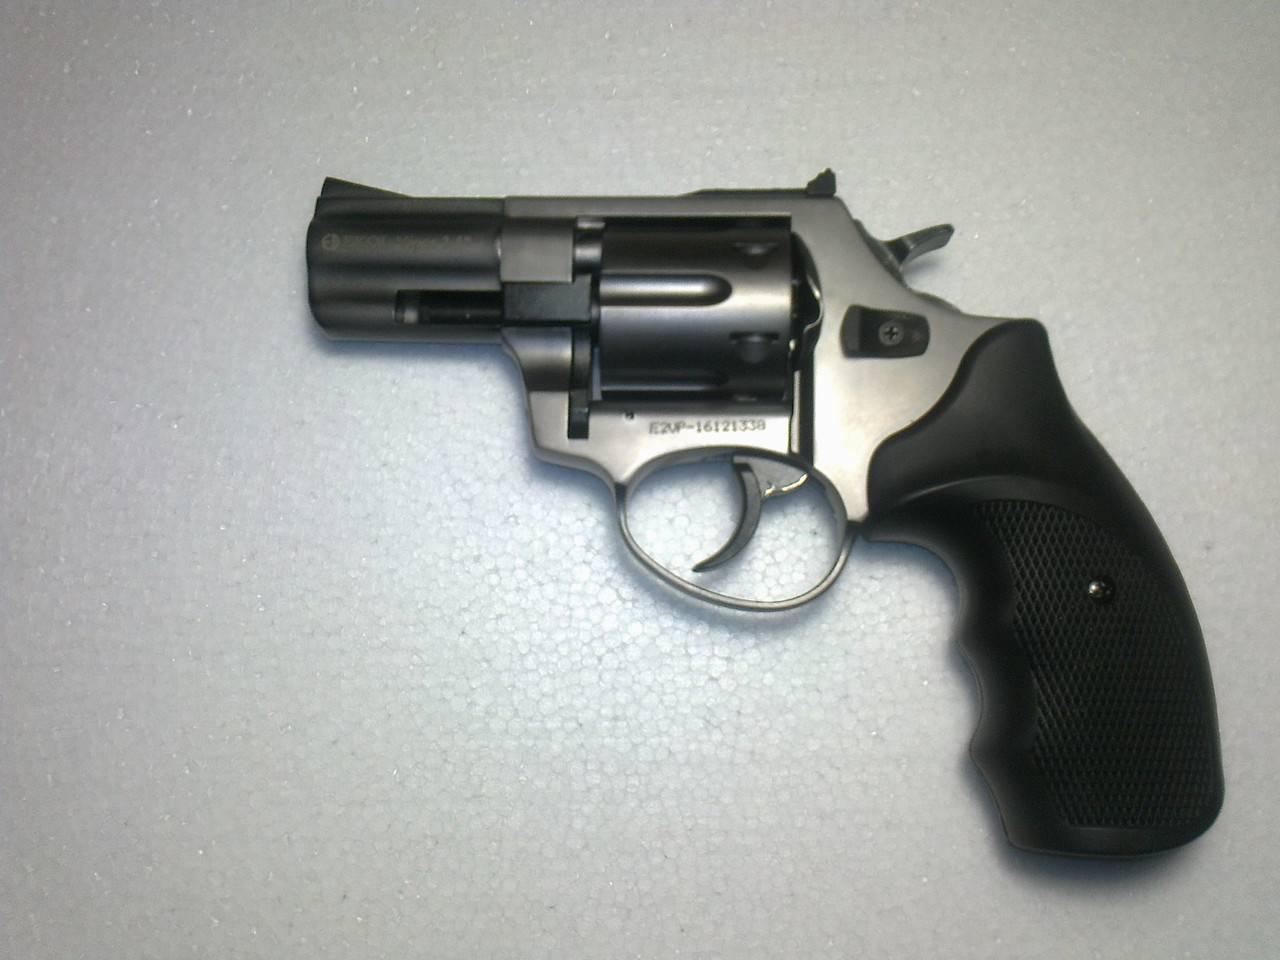 Нужно ли разрешение на сигнальный пистолет?